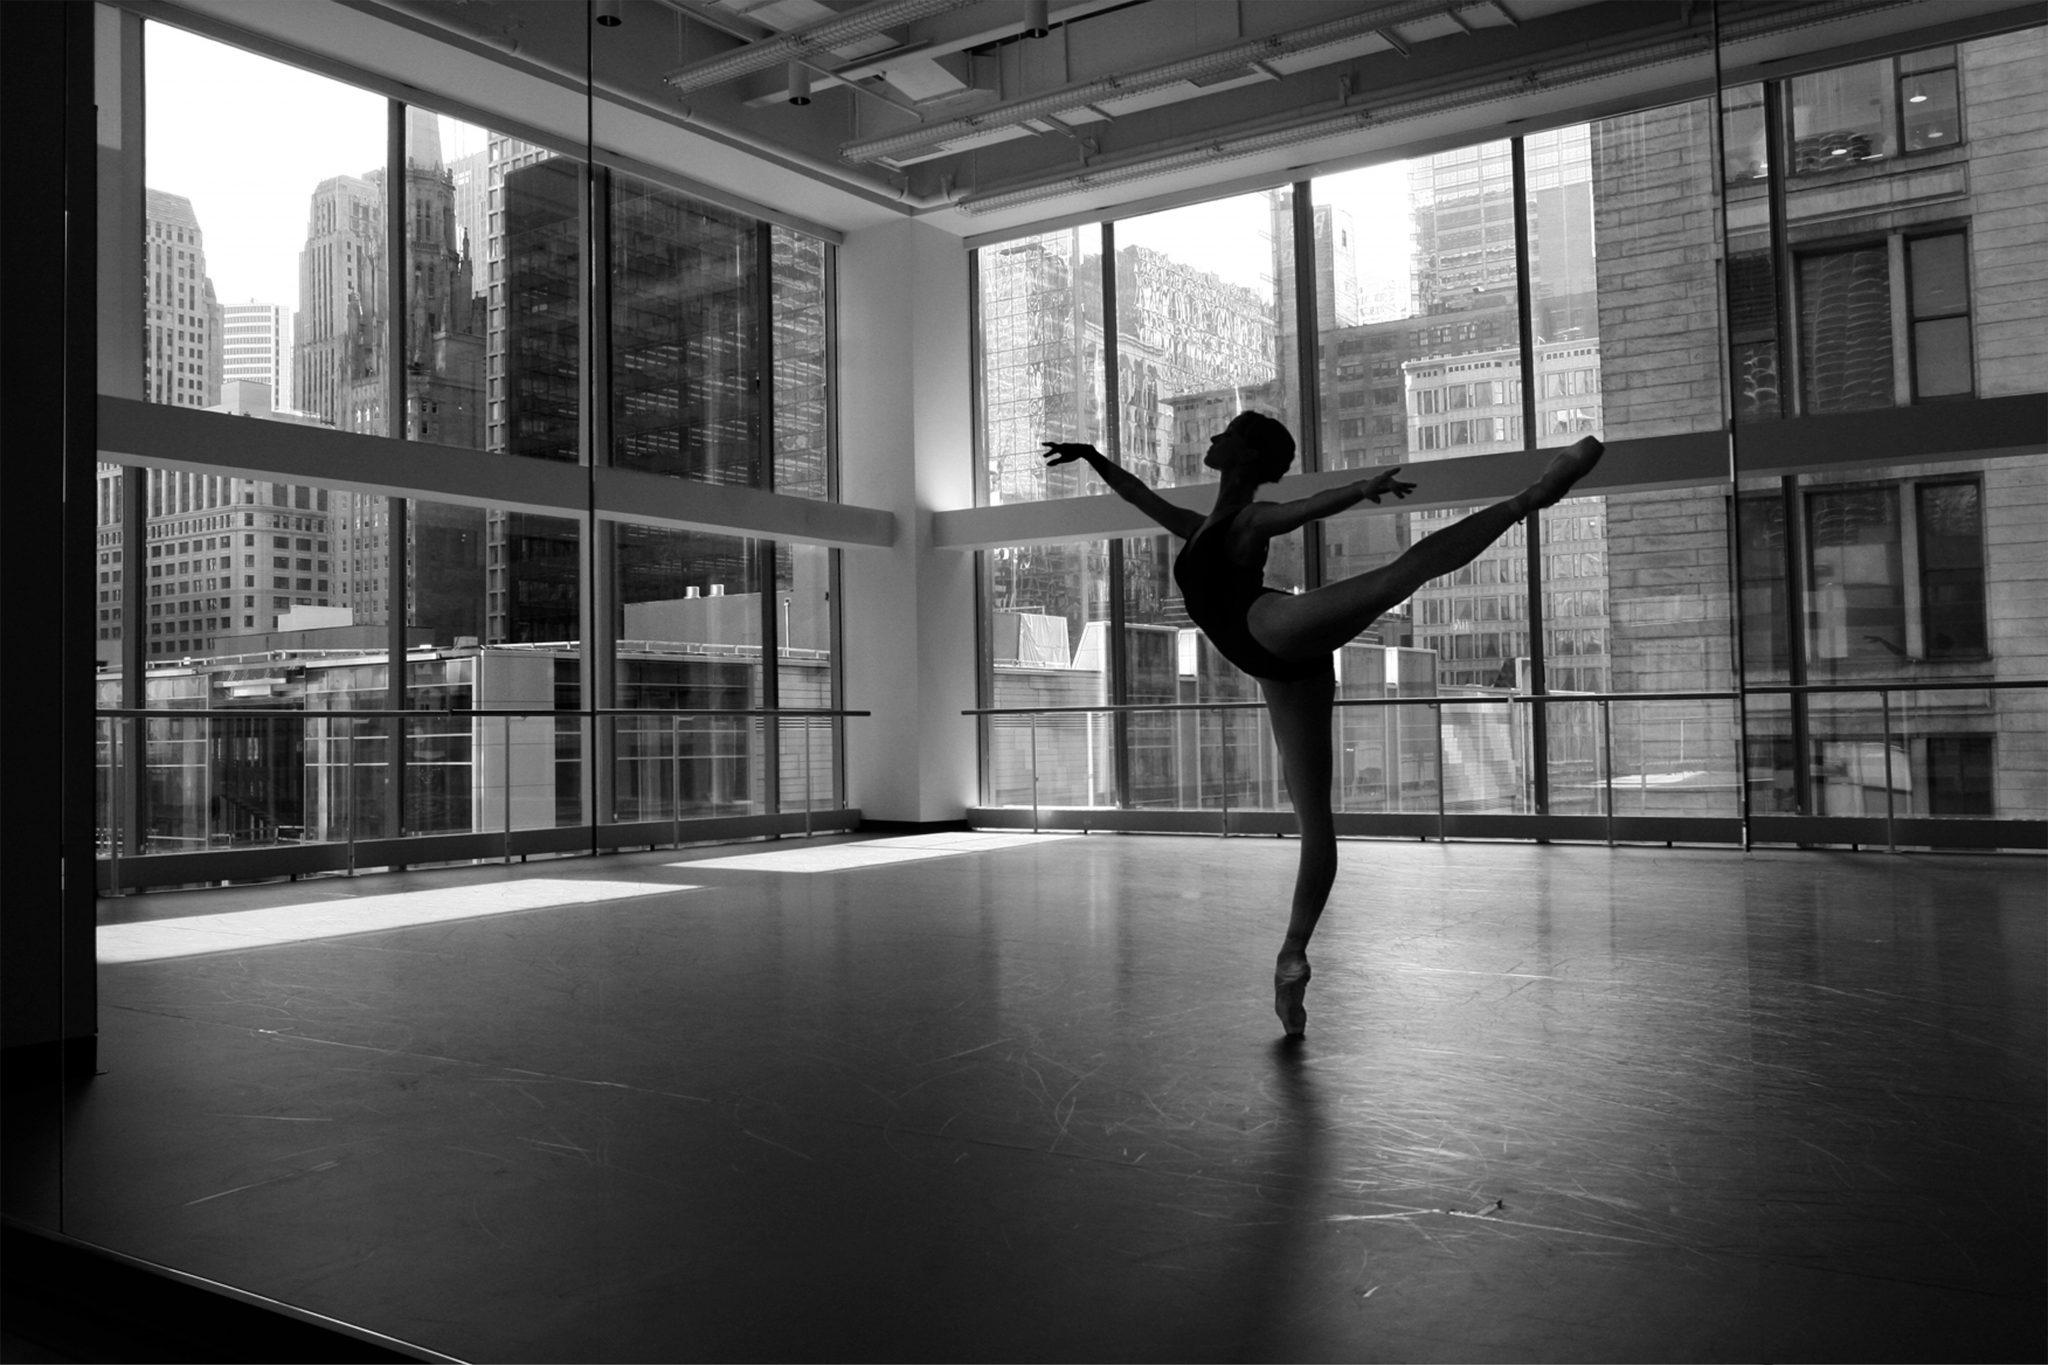 Joffrey Ballet Studio Image